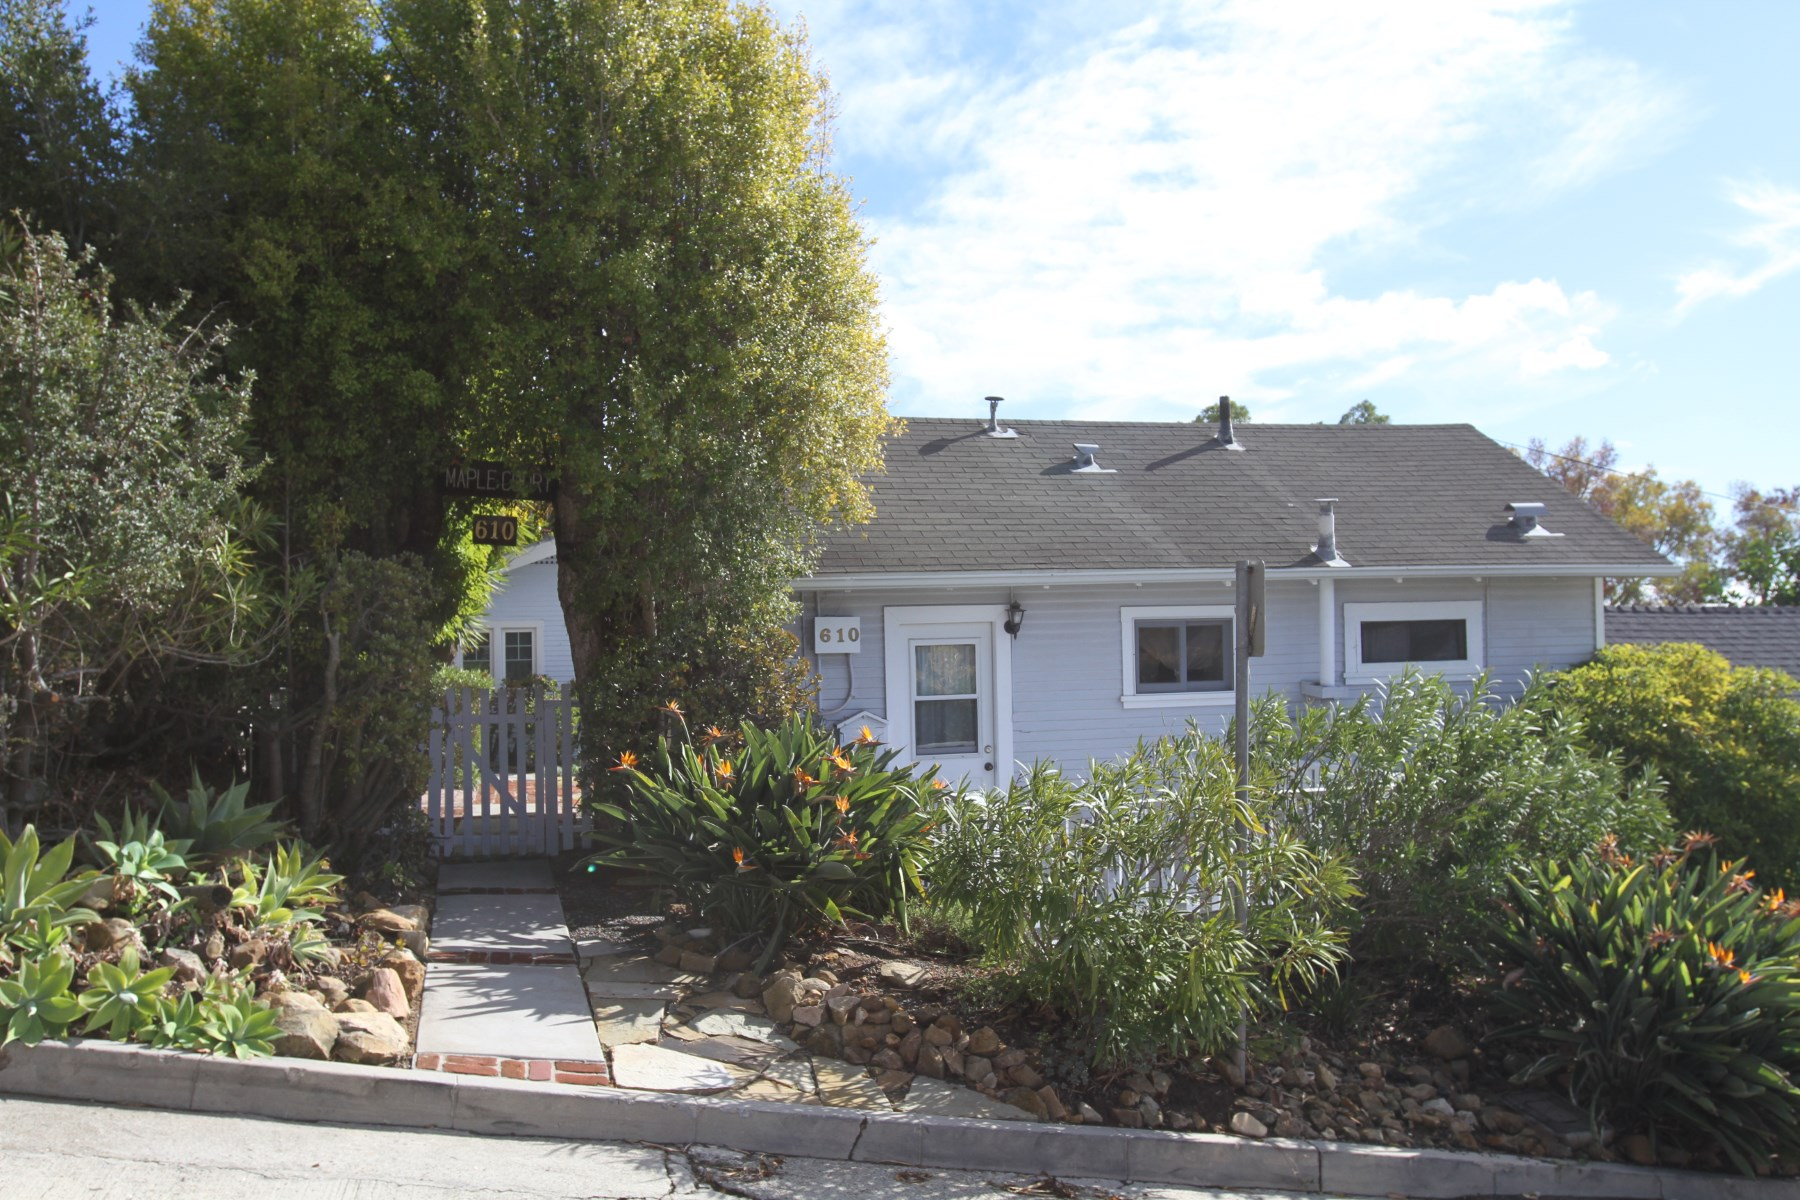 Vivienda multifamiliar por un Venta en 5 units on the lower Riviera 610 Maple Ave Riviera, Santa Barbara, California 93103 Estados Unidos